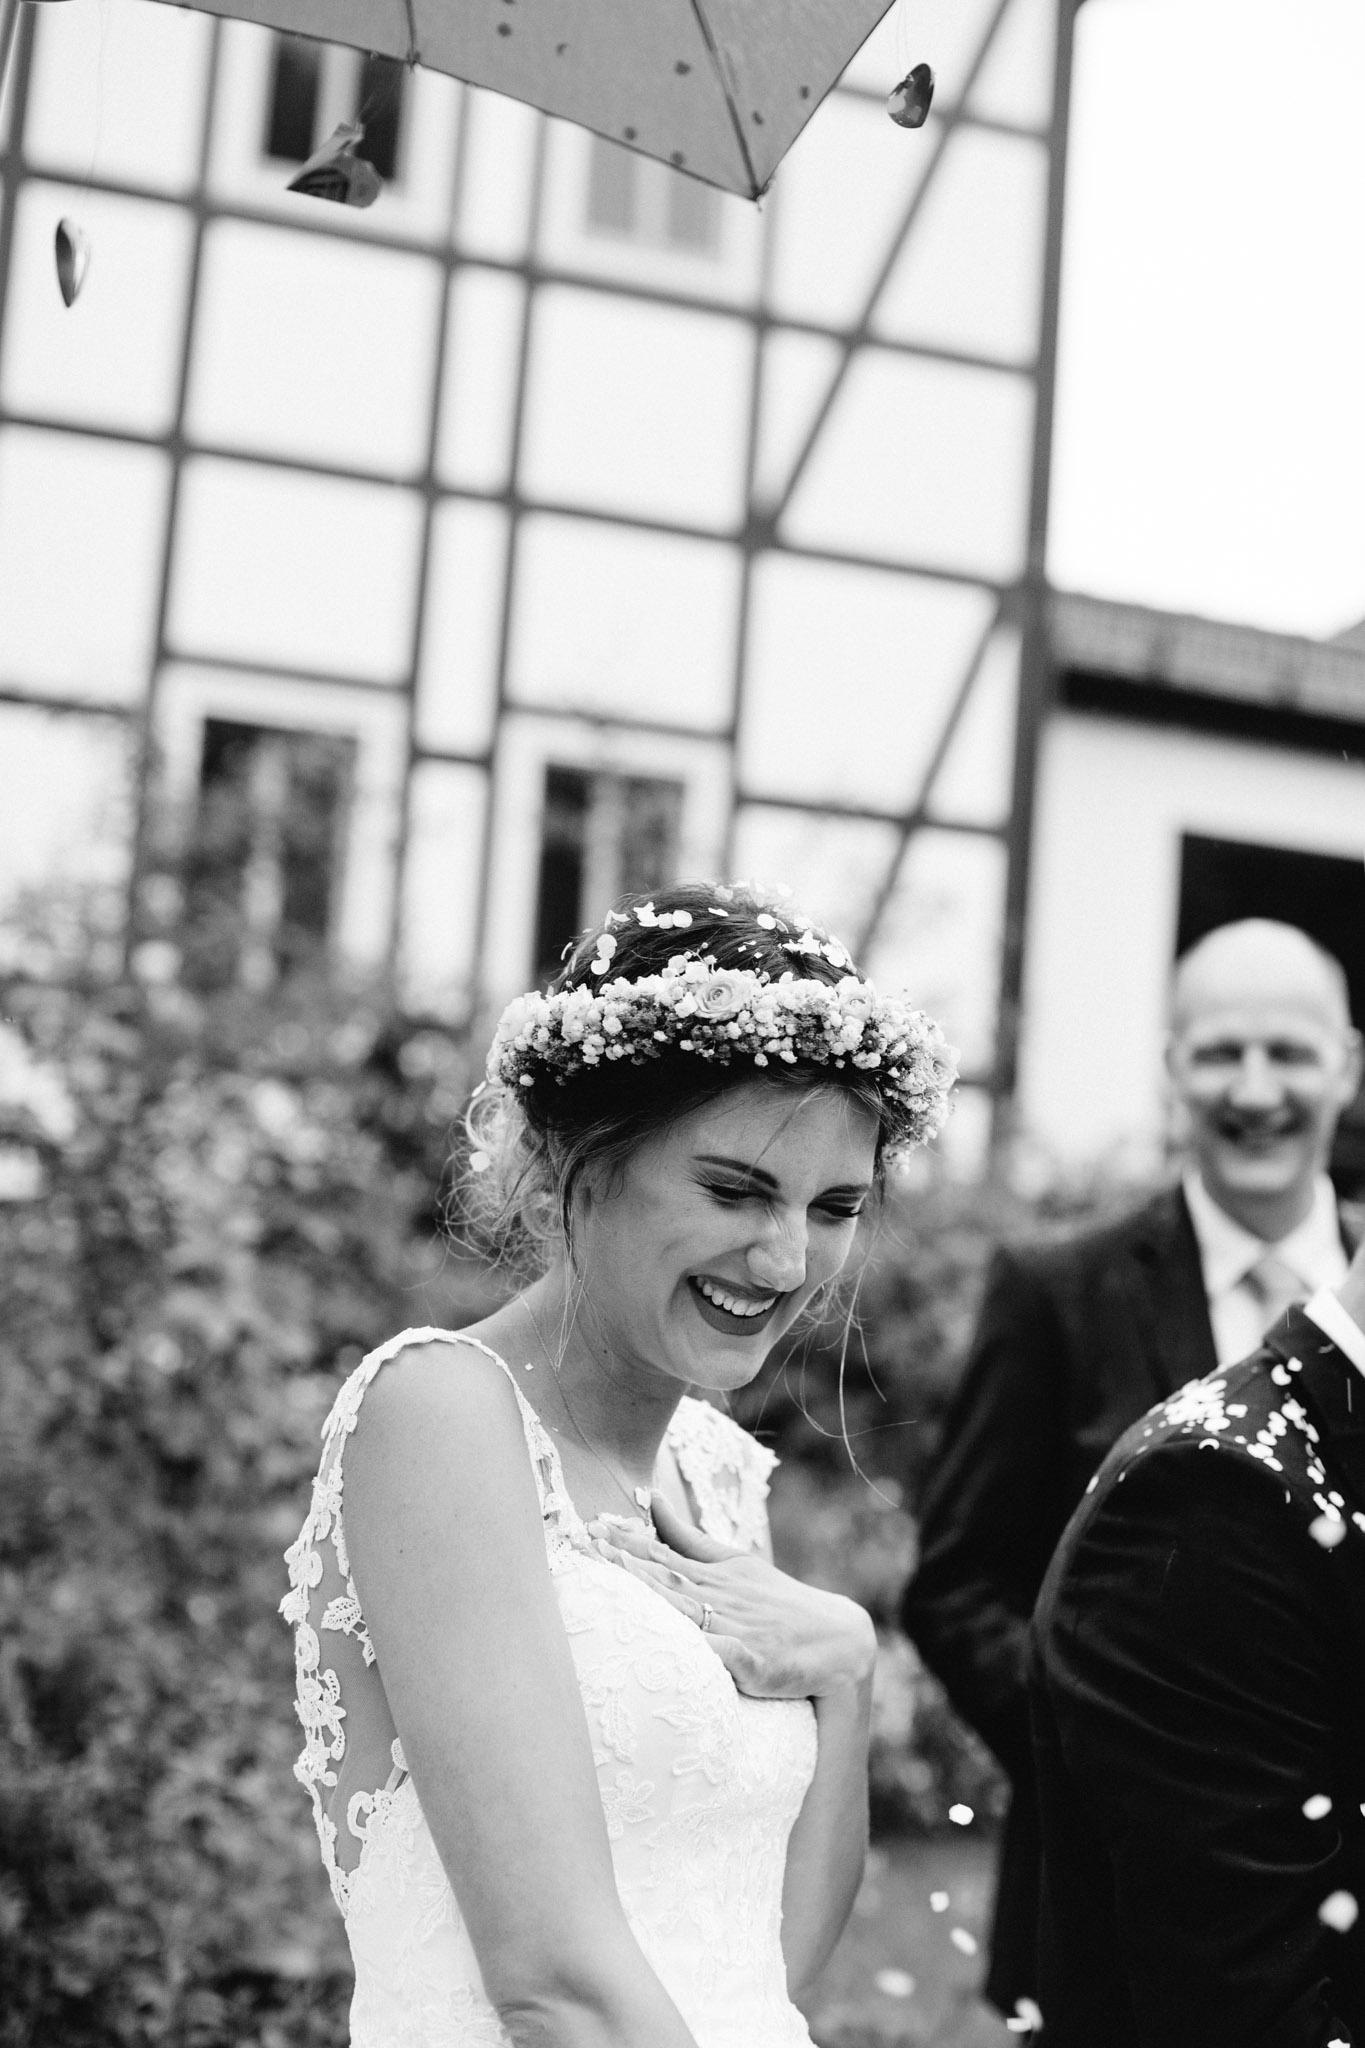 Nordhausen-Harz-Hochzeit-Pia-Anna-Christian-Wedding-Photography-LM-60.jpg